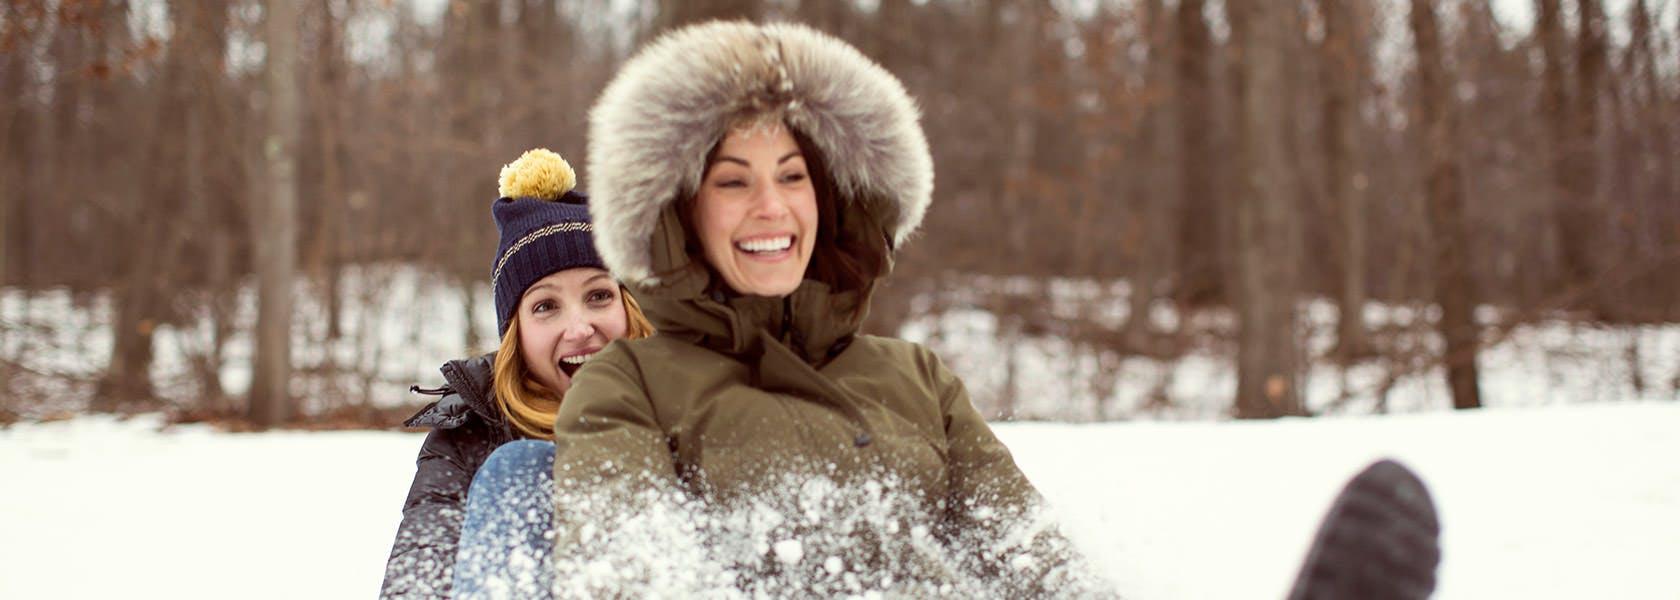 Duas amigas divertem-se na neve